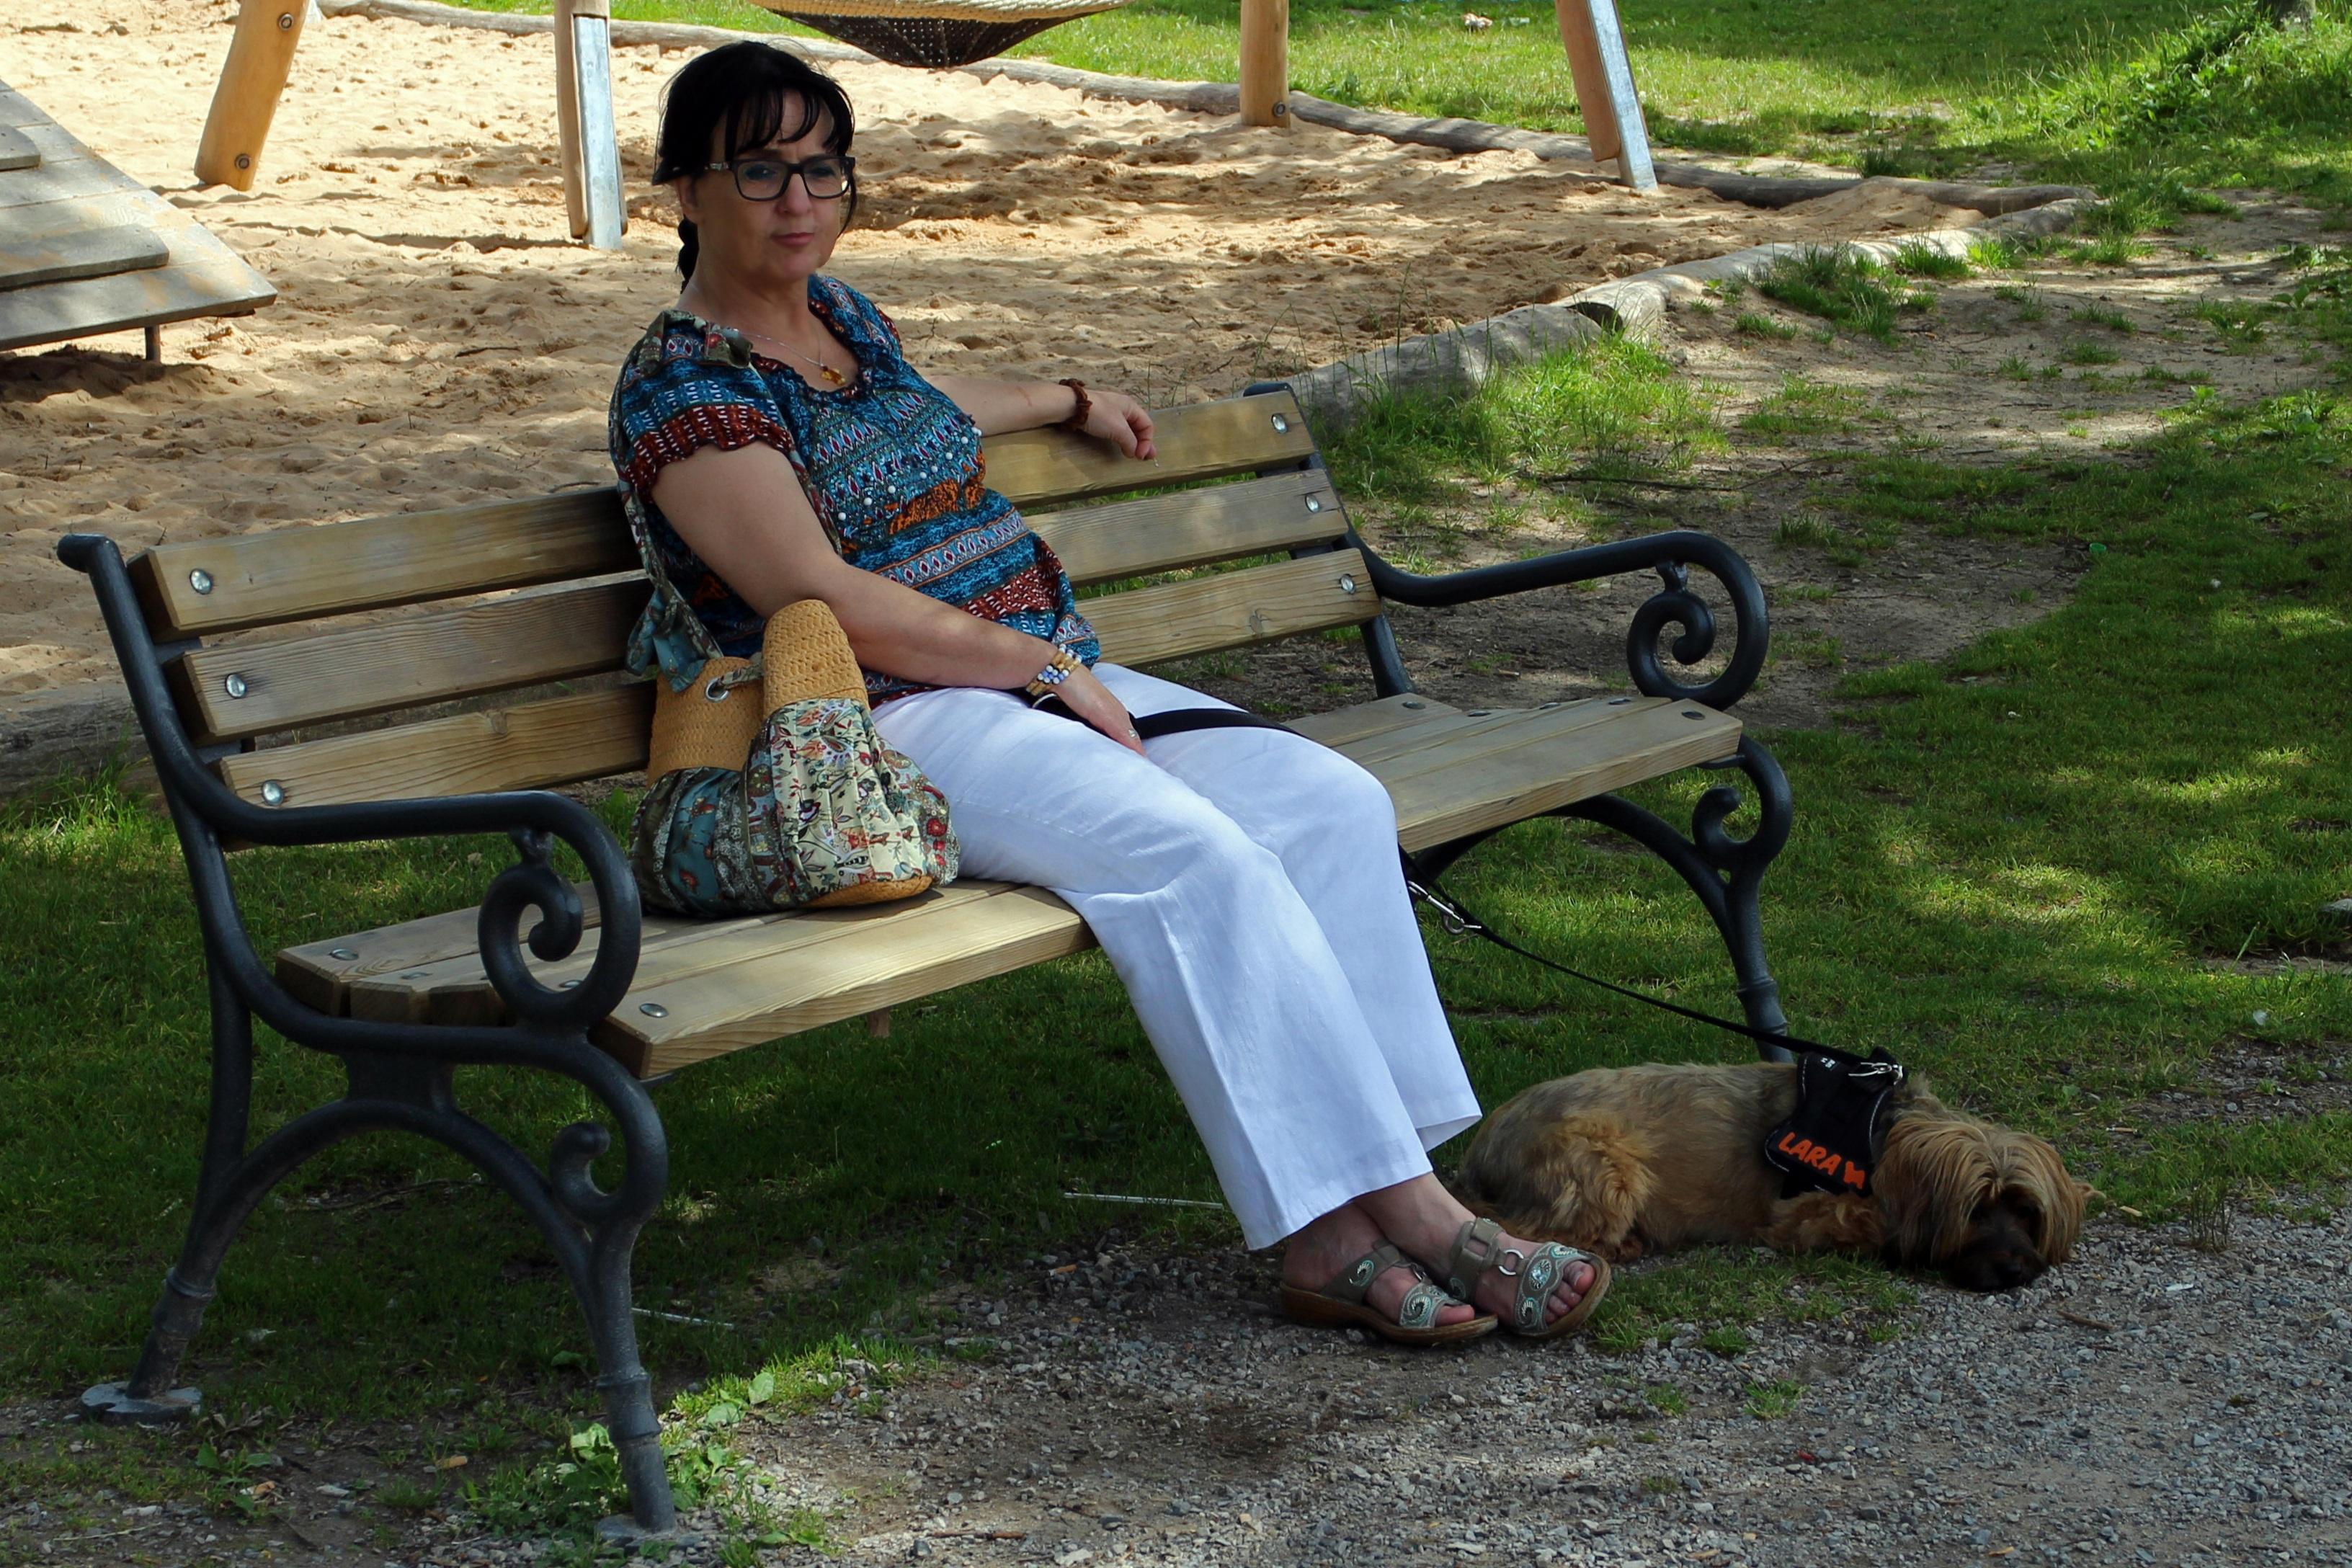 люди сидят на скамейке картинки тюльпанами период